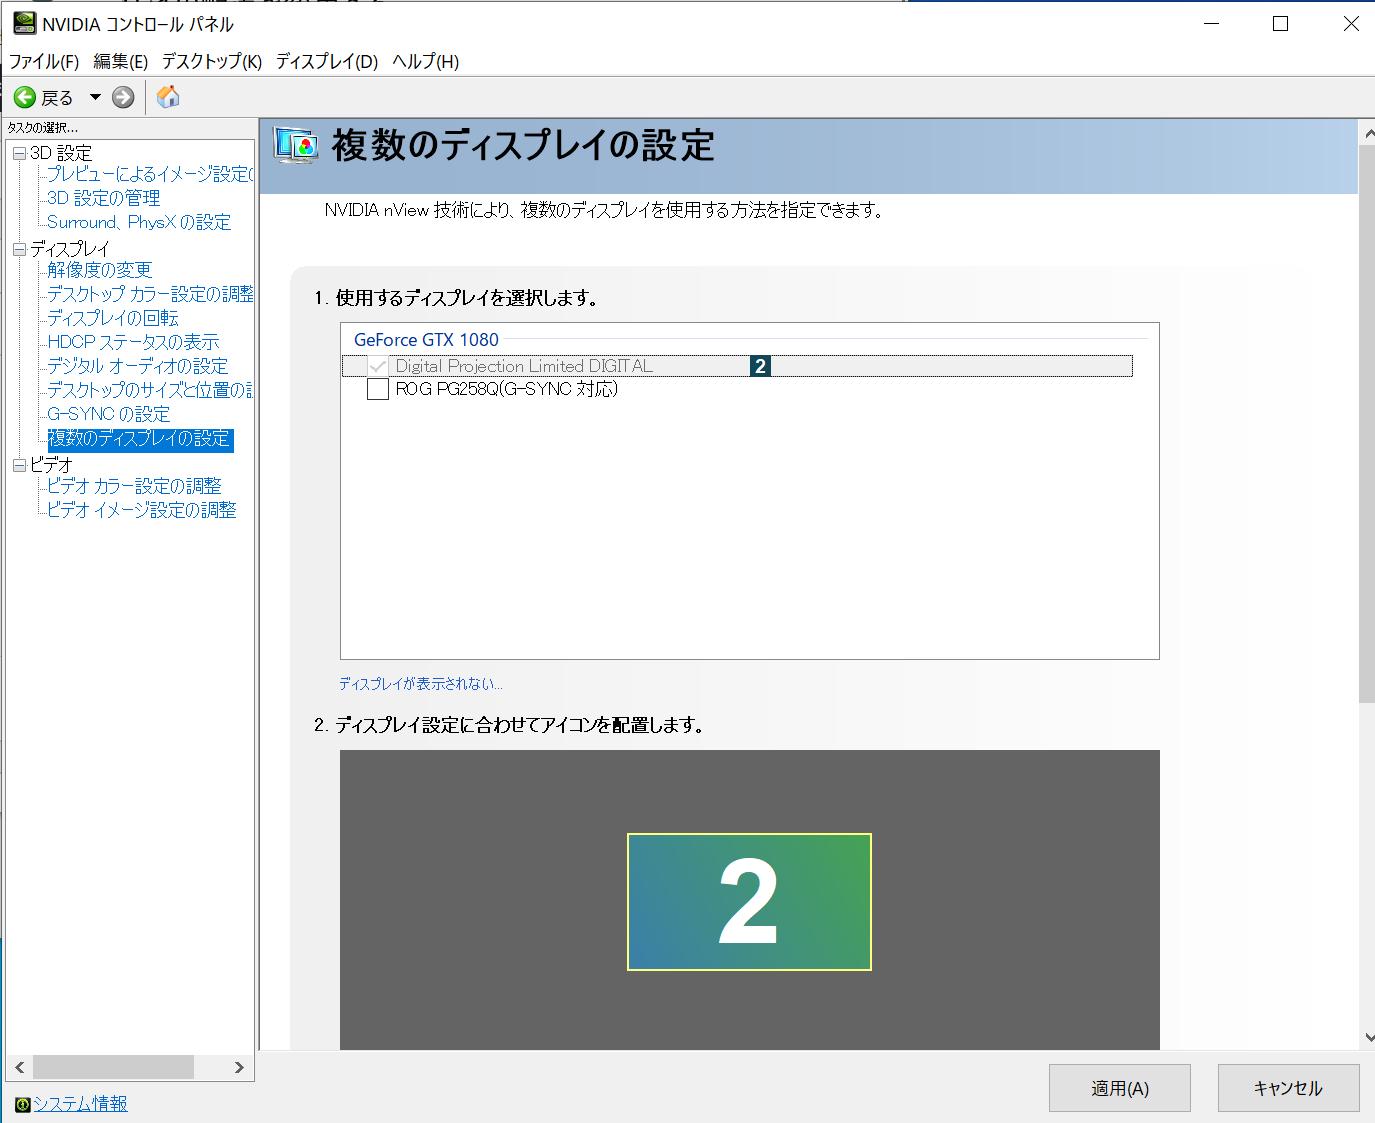 複数のディスプレイの画面の表示を切り替える際に使うNVIDIAコントロールパネルの中にある複数のディスプレイの設定